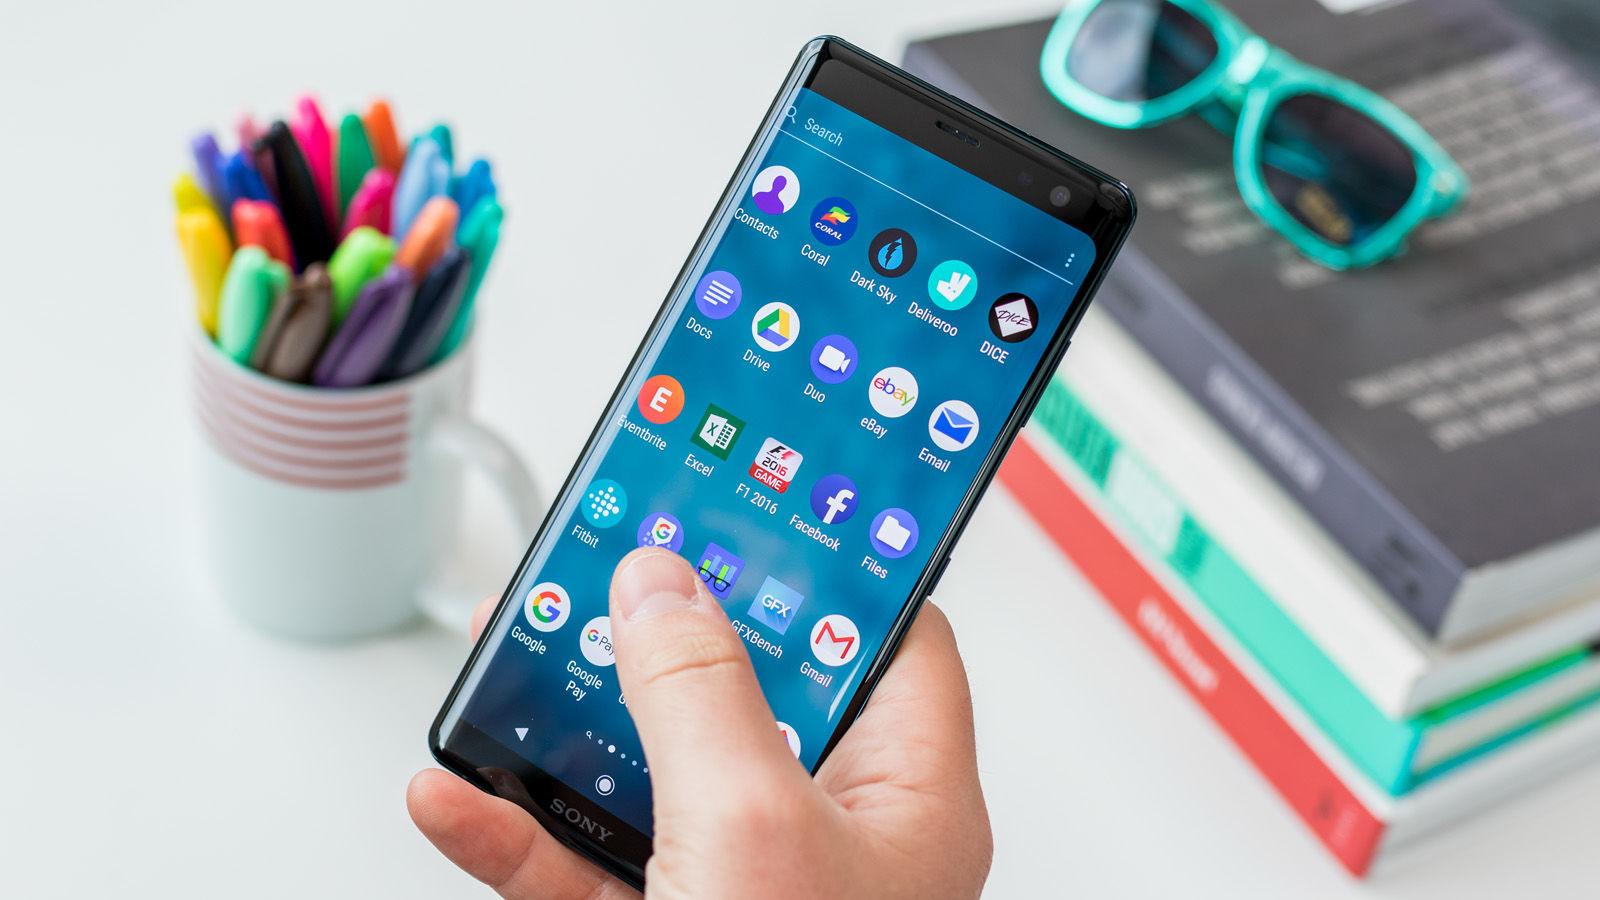 Sony Xperia XZ3 Specifications, Sony Xperia XZ3 Full Details, Sony Xperia XZ3 Camera Test, Sony Xperia XZ3 Display Size, XZ3 Price, Sony Xperia XZ3 Testing